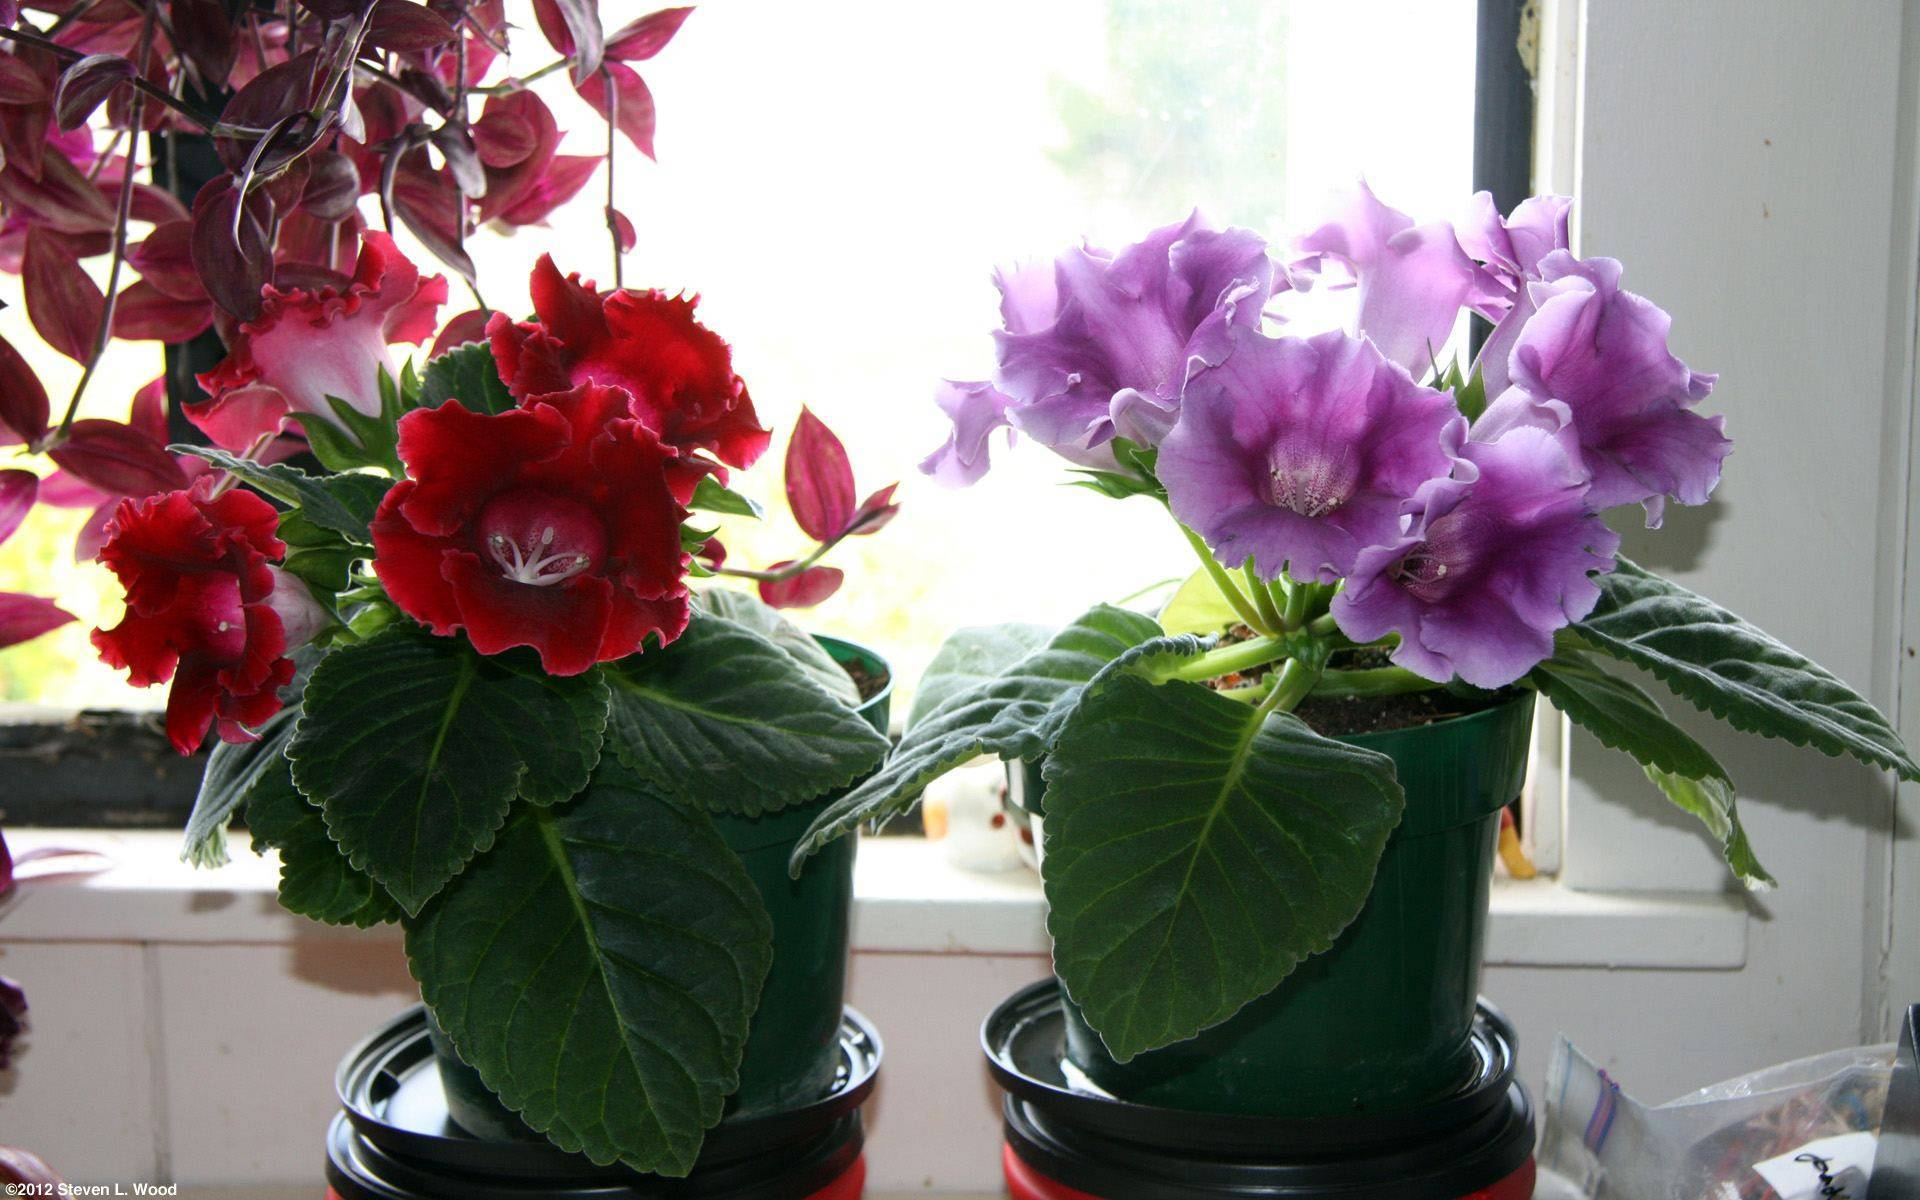 Уход за глоксинией в домашних условиях: как правильно выращивать, когда обрезать на зиму и нужно ли опрыскивать цветок в горшке, а также его названия и фото